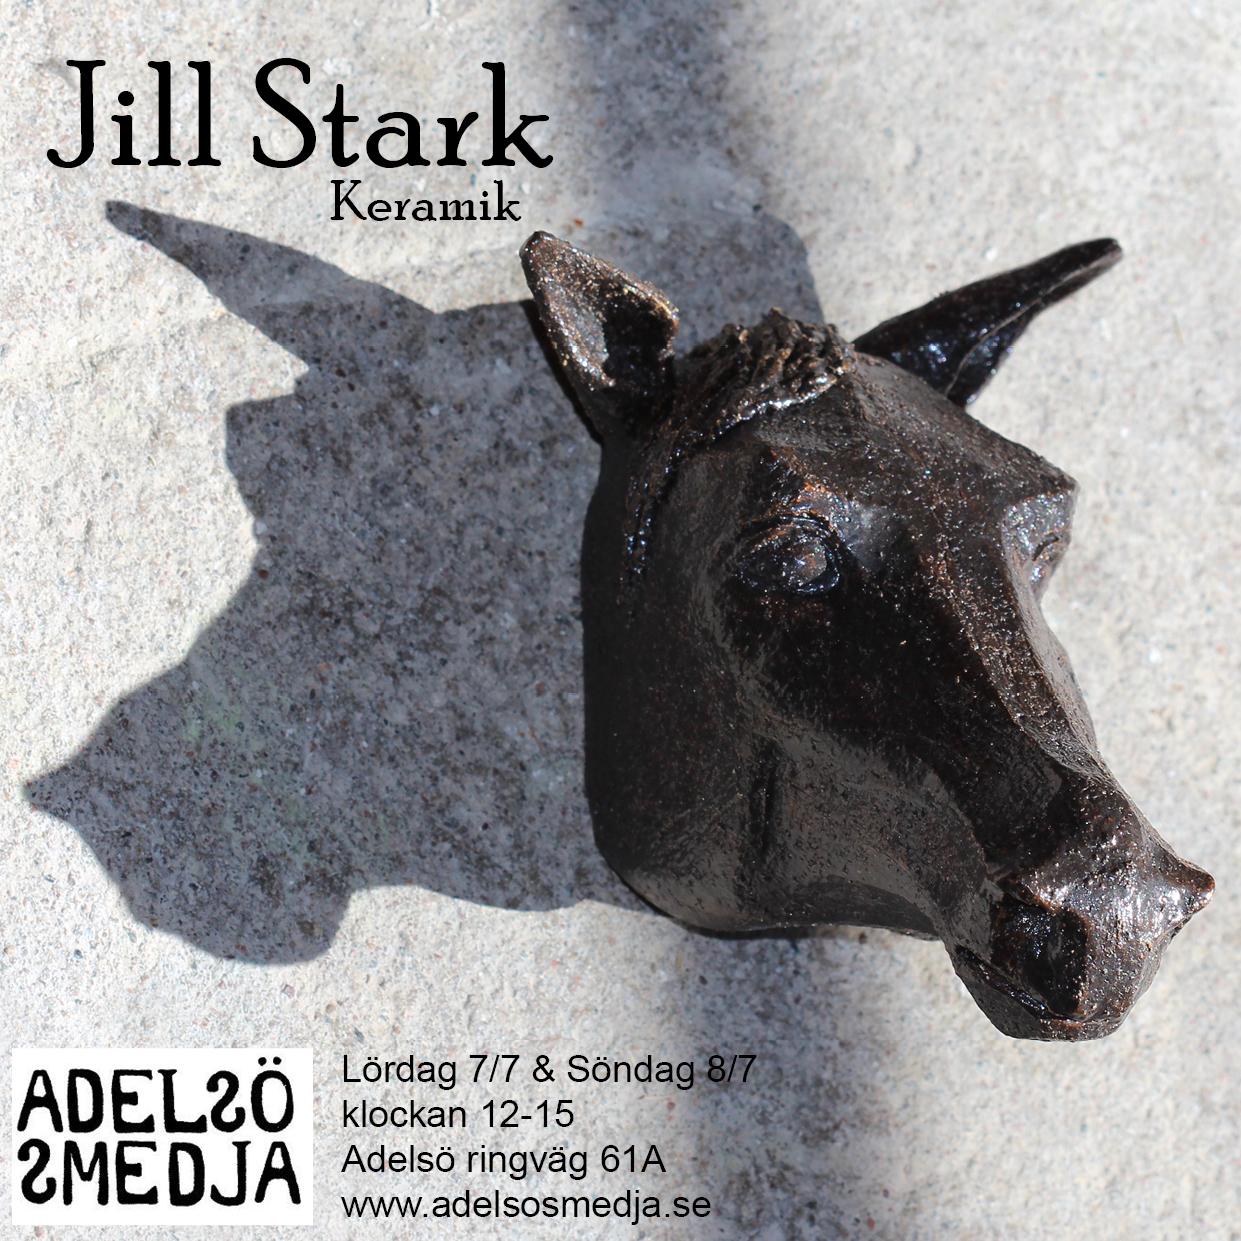 Jill Starkjpg